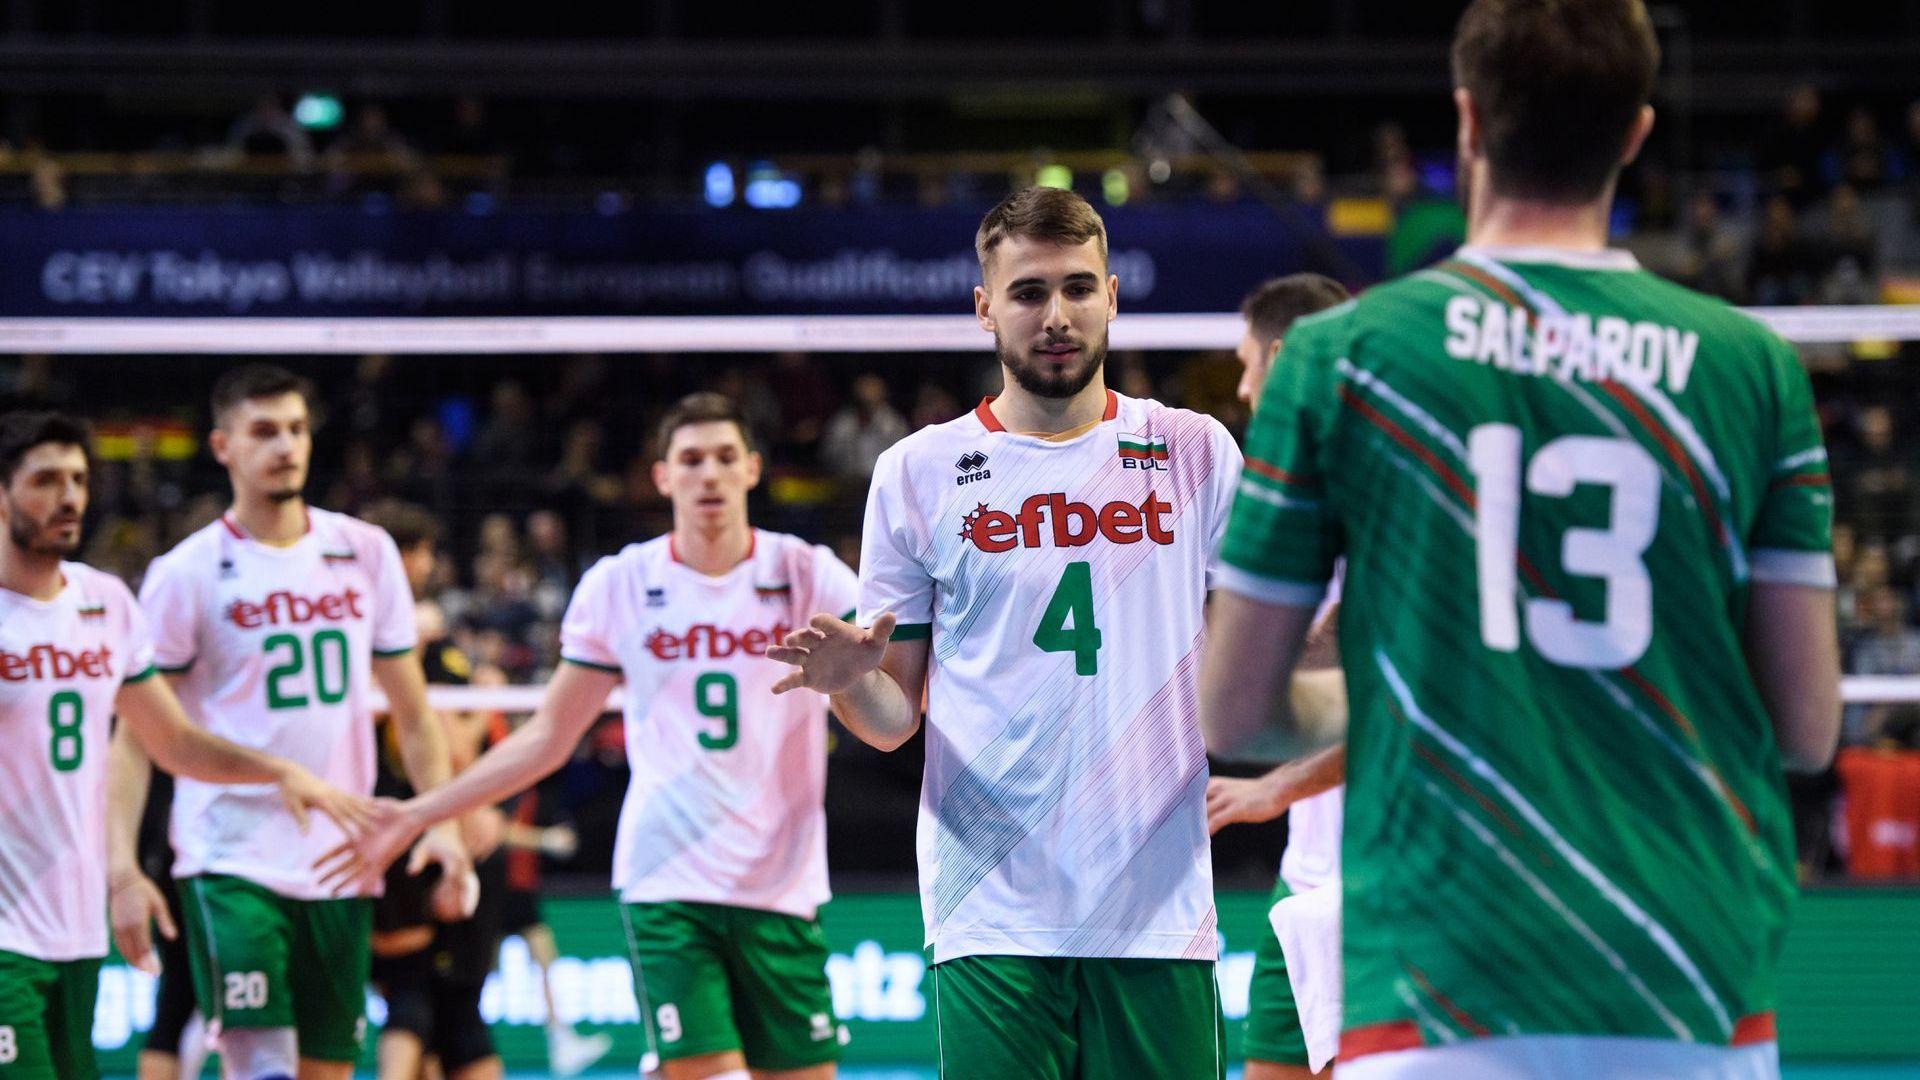 Германия уби олимпийските мечти на волейболна България